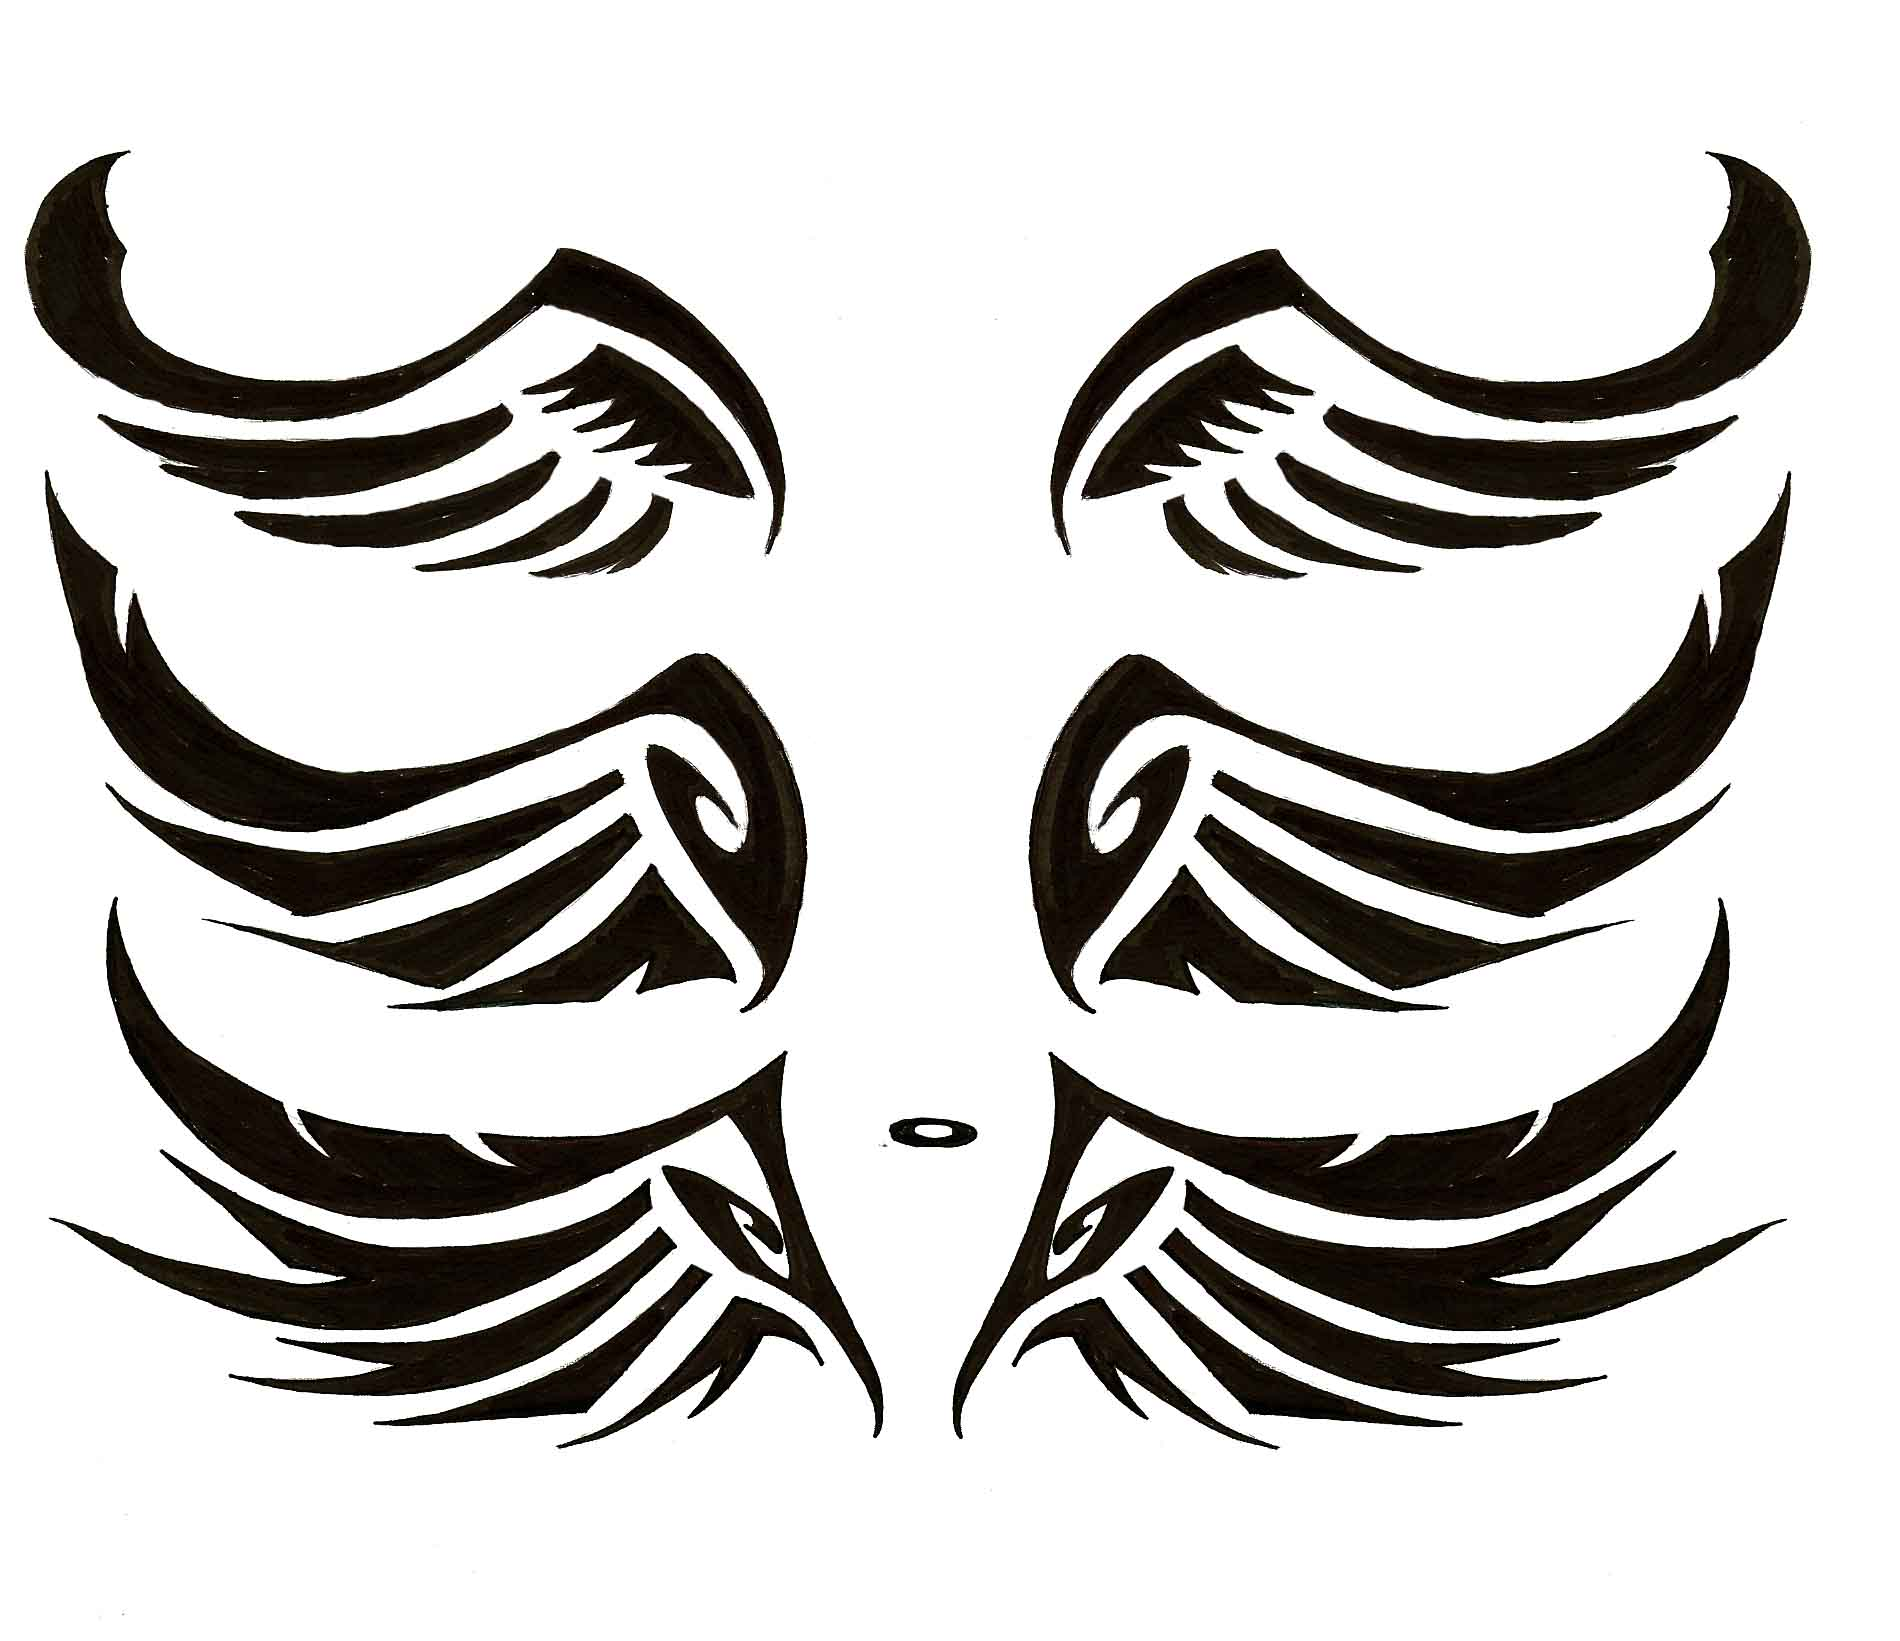 Wings Free Vector Art  4266 Free Downloads  Vecteezy